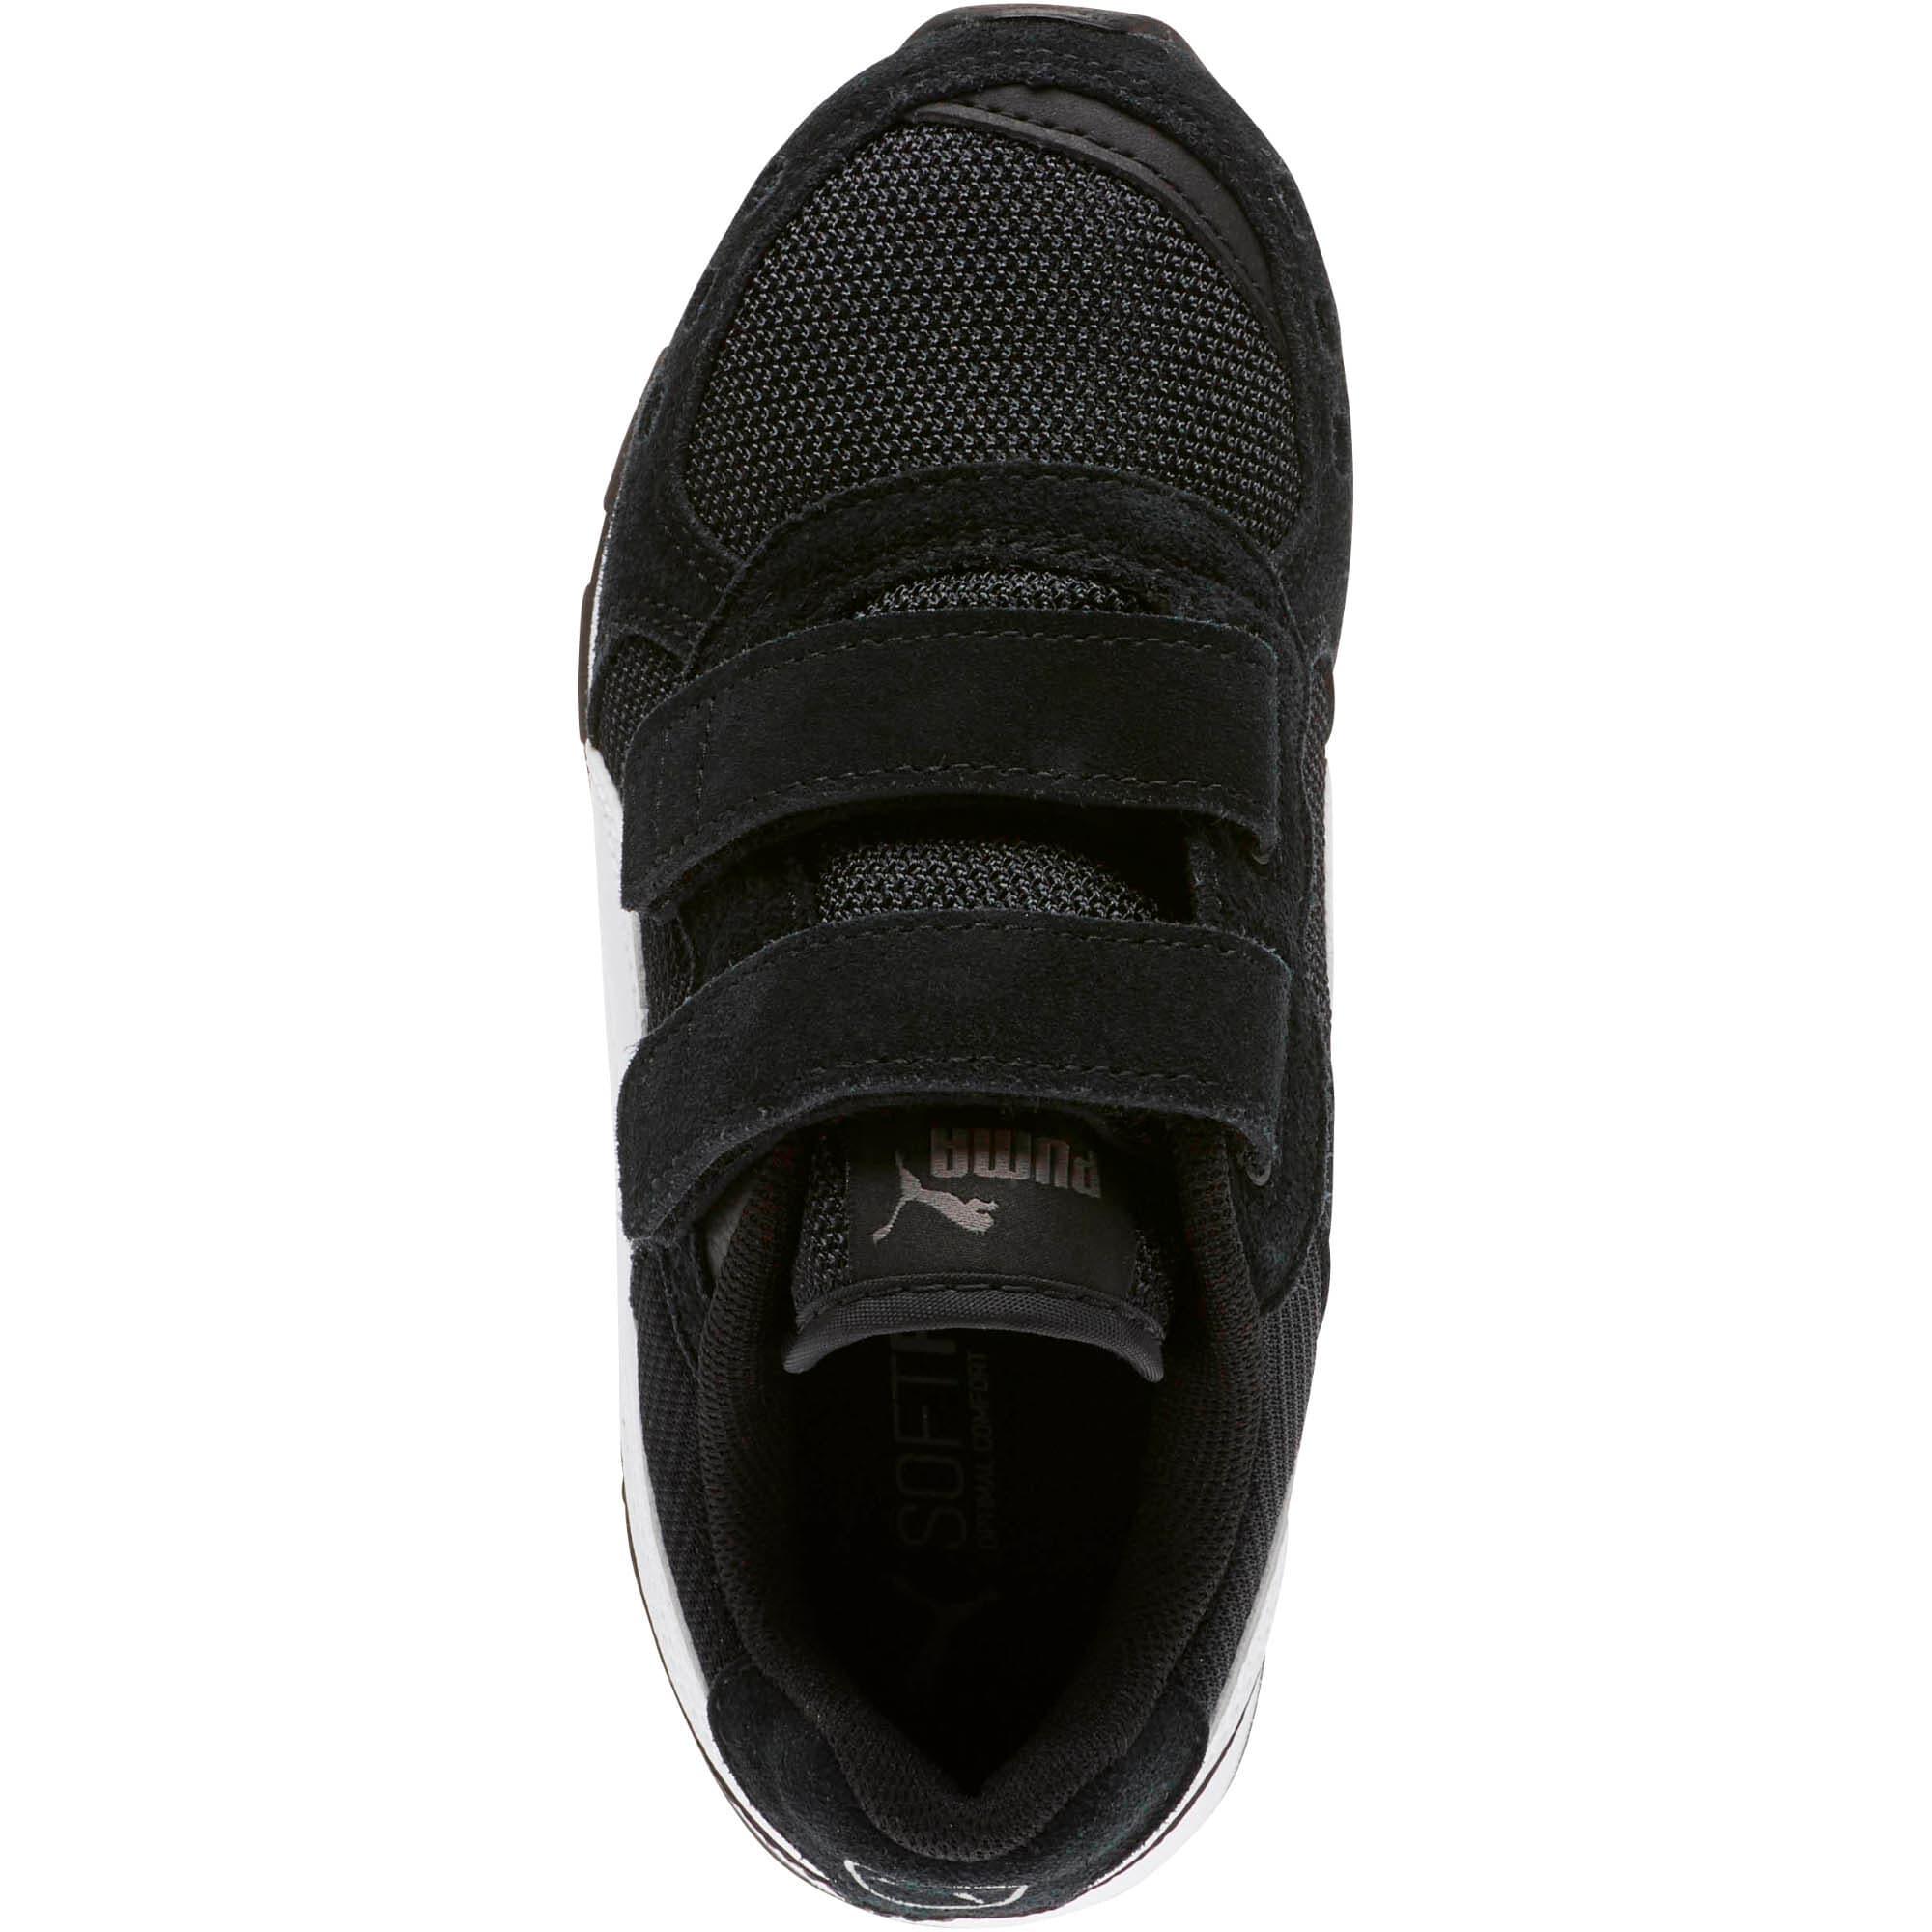 Miniatura 5 de Zapatos Vista para niños, Puma Black-Puma White, mediano